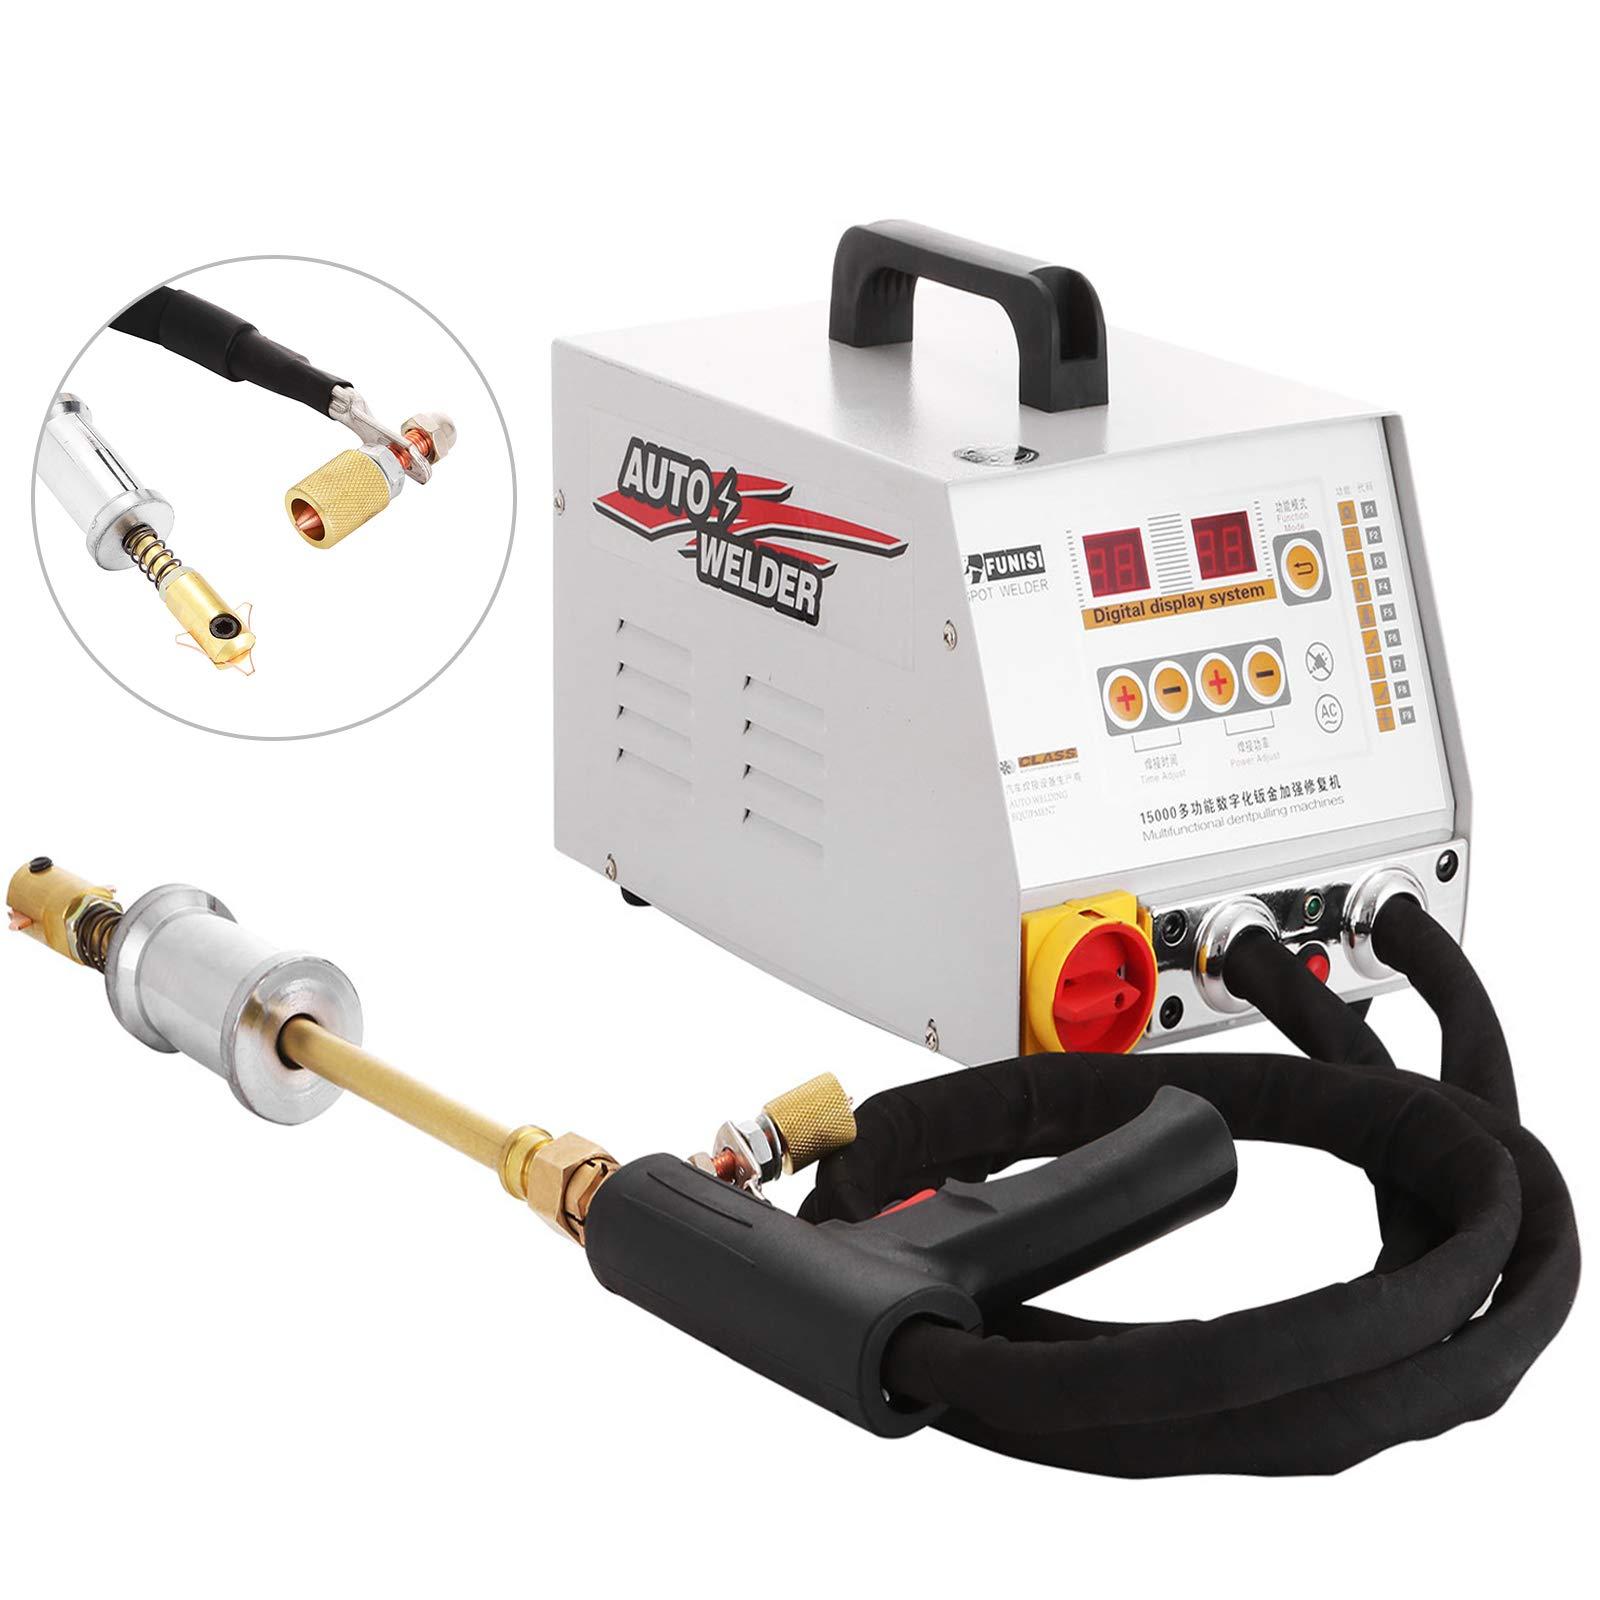 Bestauto Dent Puller 12KW Spot Welder 2600A Car Dent Repair for Vehicle Panel Spot Puller Dent Bonnet Door Repair